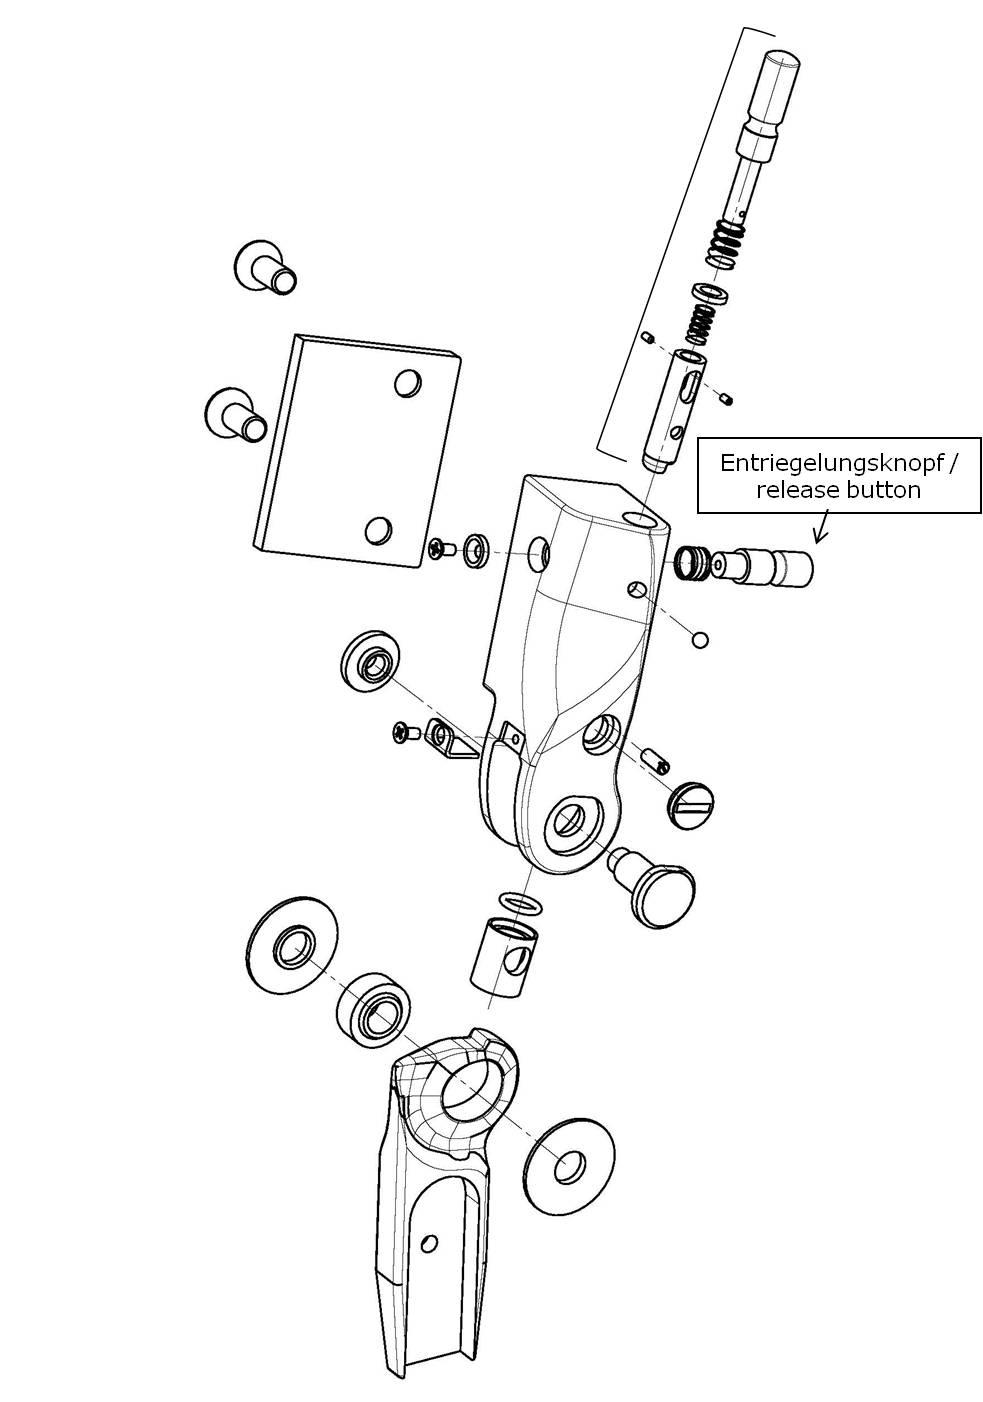 Entriegelungsknopf für das Salera preselect 3-D Hüftgelenk